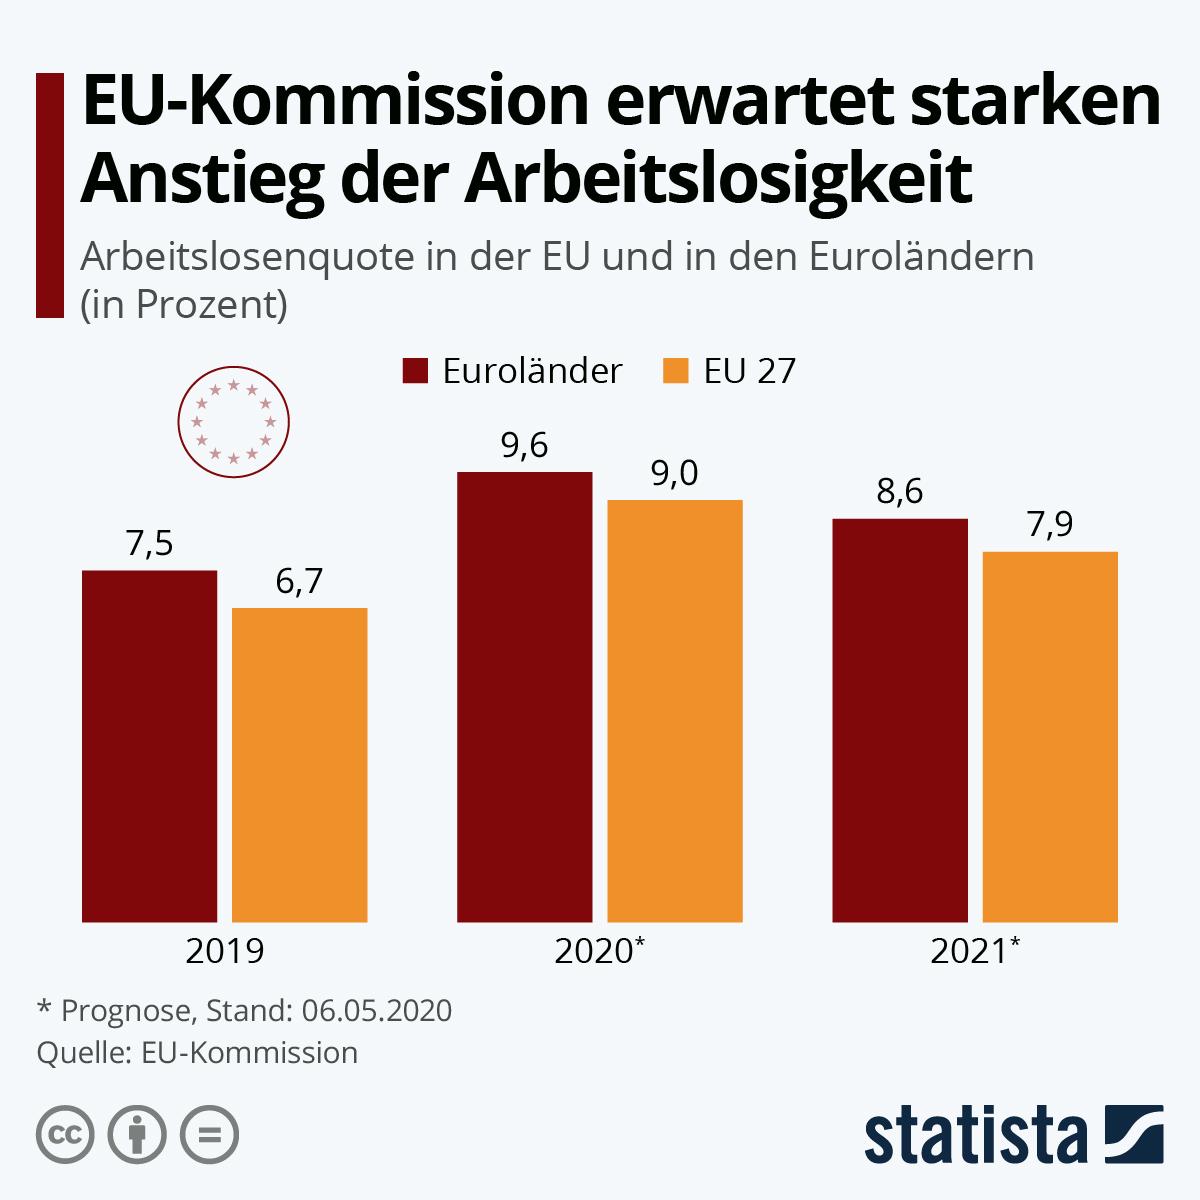 Infografik: EU-Kommission erwartet starken Anstieg der Arbeitslosigkeit | Statista